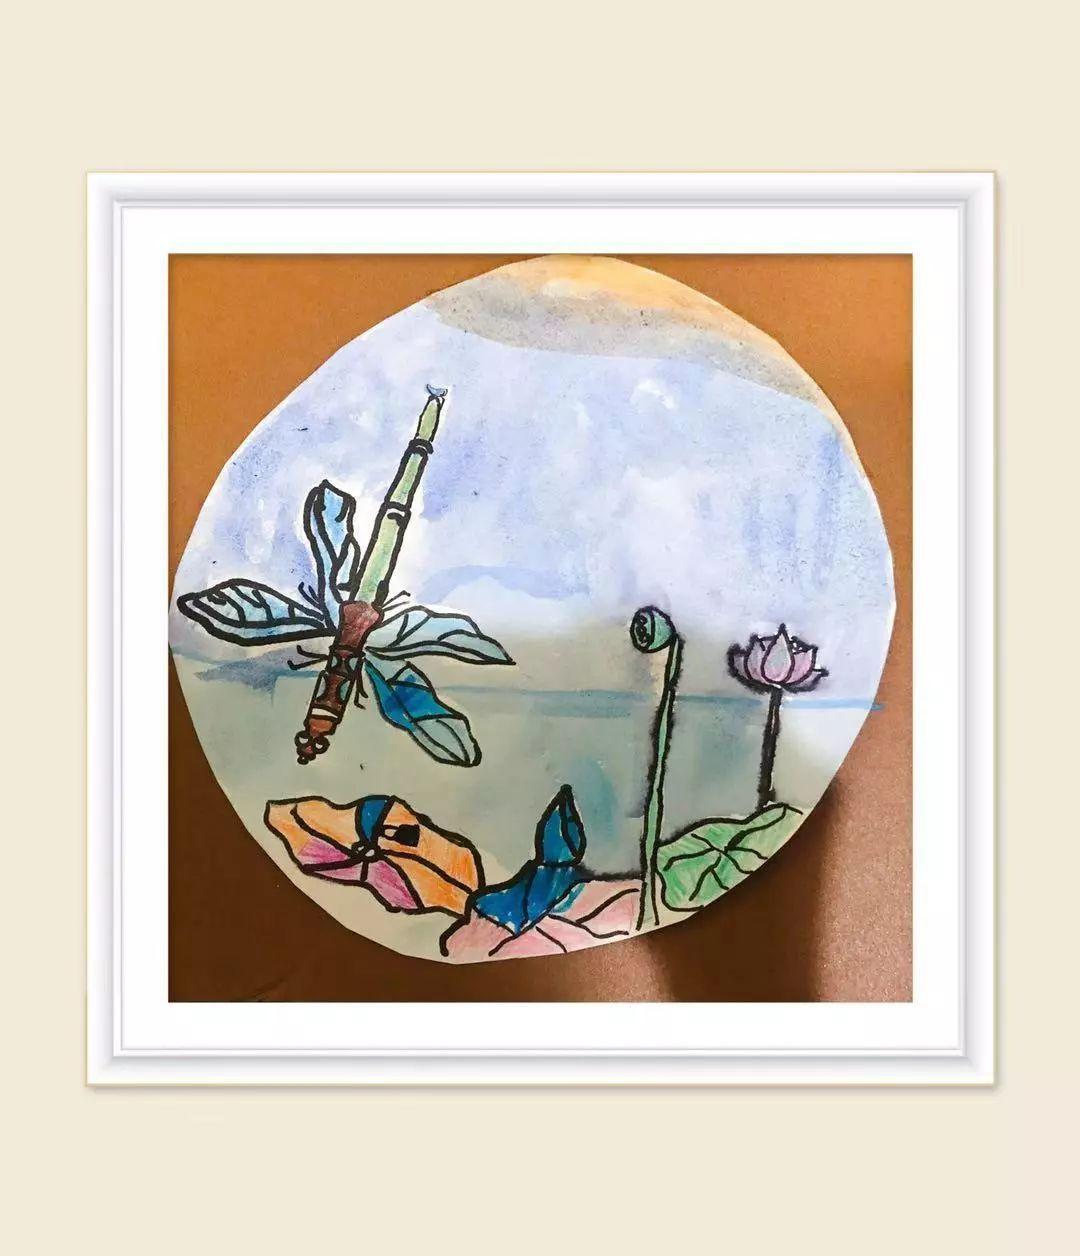 蜻蜓手绘图片水粉